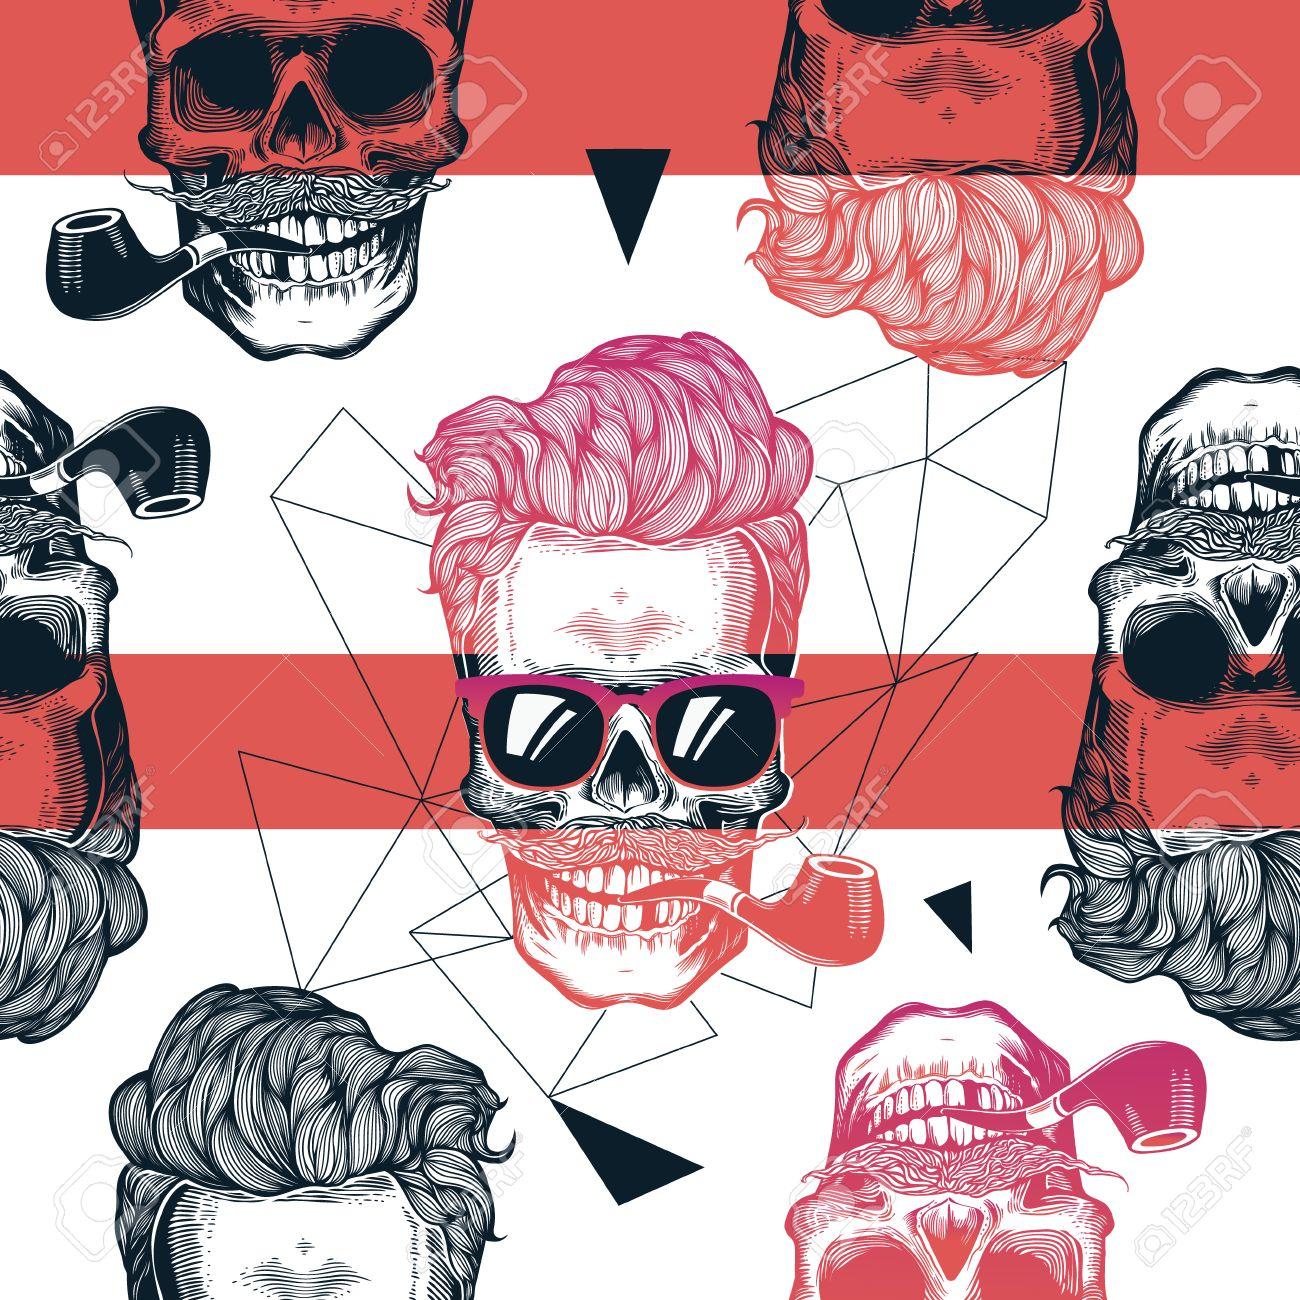 da8d6face2 Kitschy Patrón Sin Fisuras, Calaveras Humanas Con Peinado Hipster, Gafas De  Sol Con Estilo, Bigote Y Pipa De Tabaco Contra El Contorno Geométrico Y ...